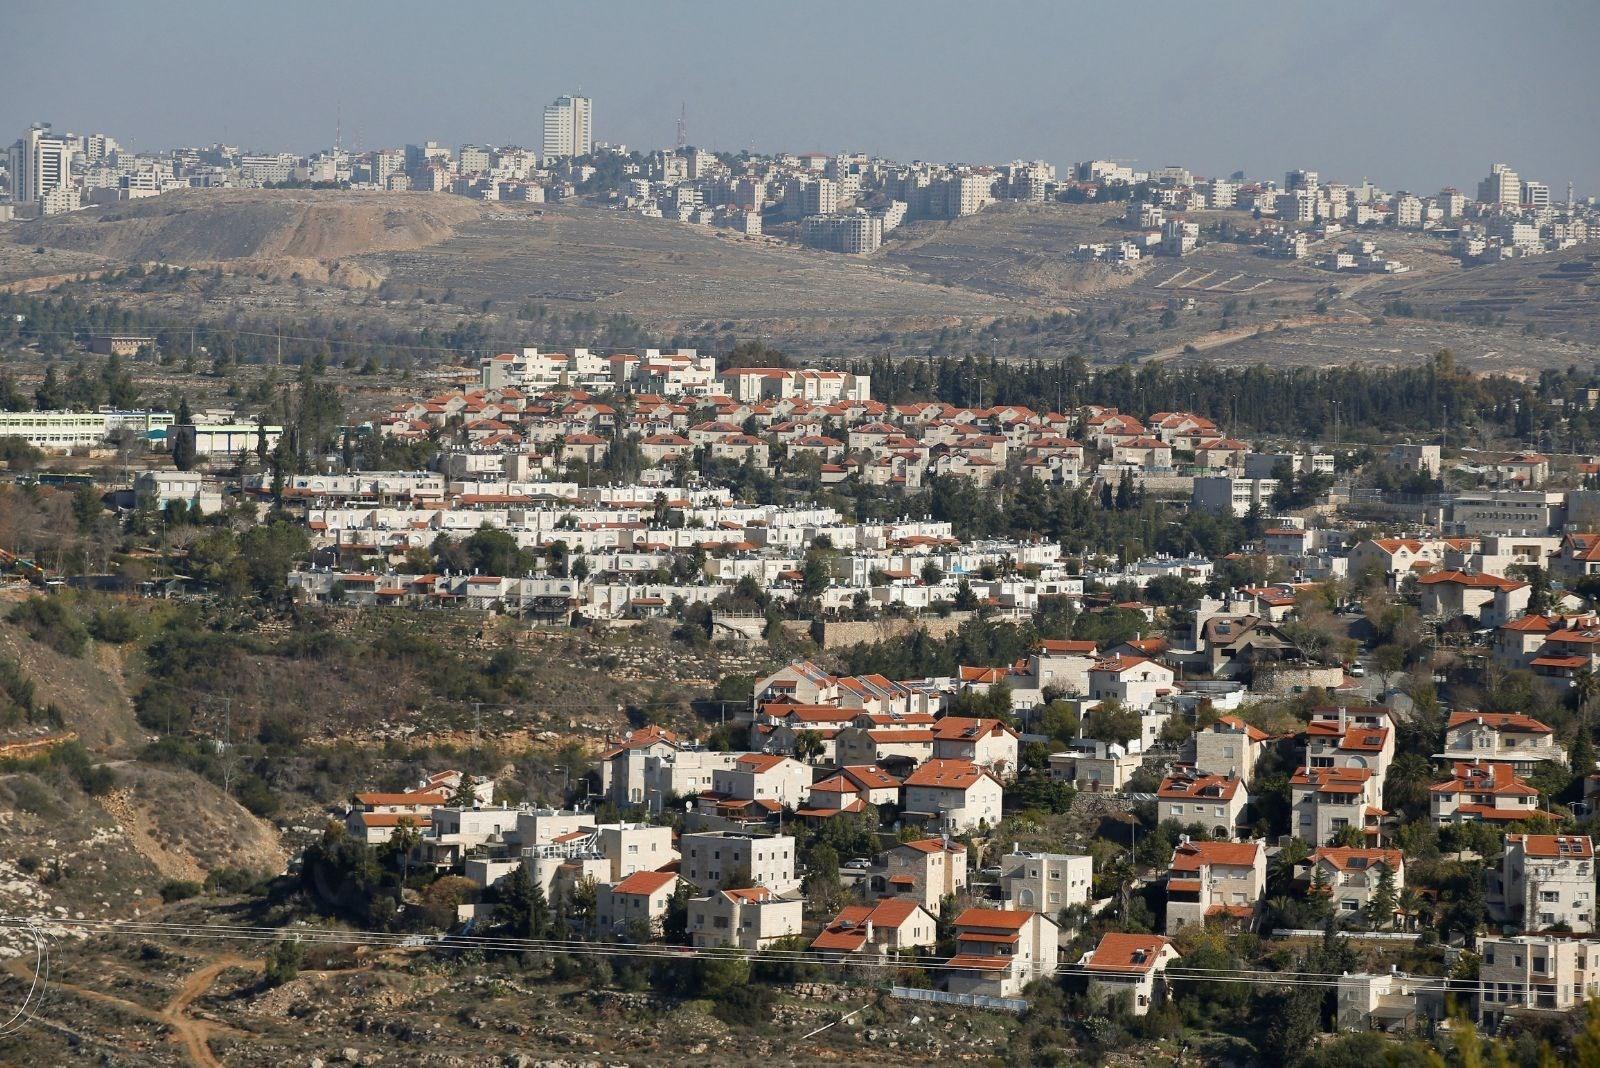 سلطات الاحتلال تعتزم بناء آلاف الوحدت الاستيطانية في الضفة الغربية